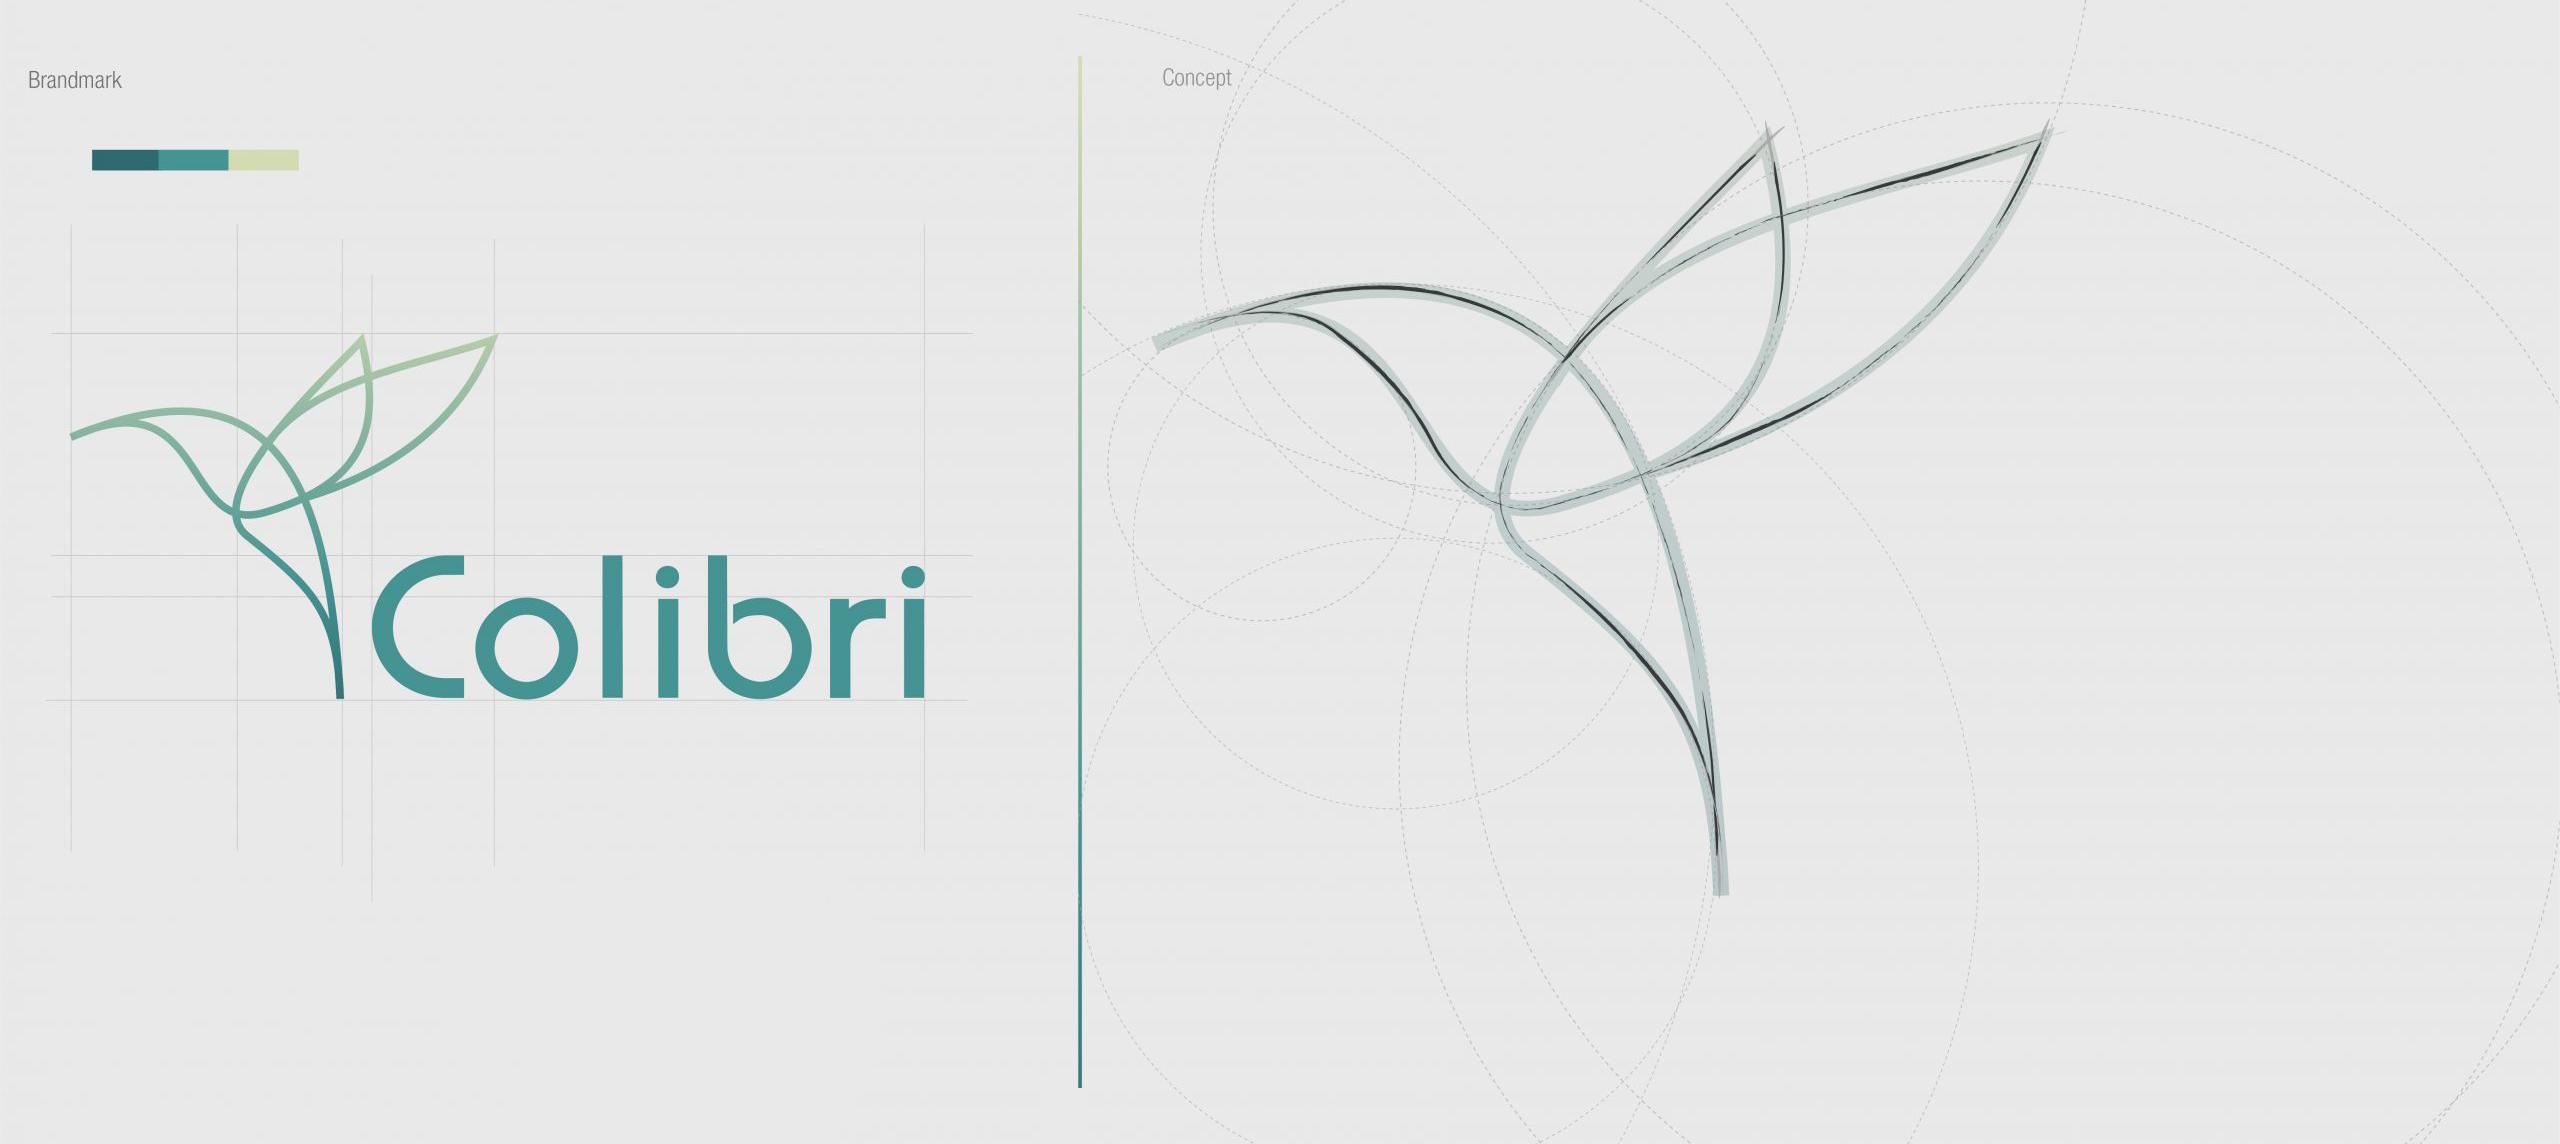 colibri_web_concept-scaled-small